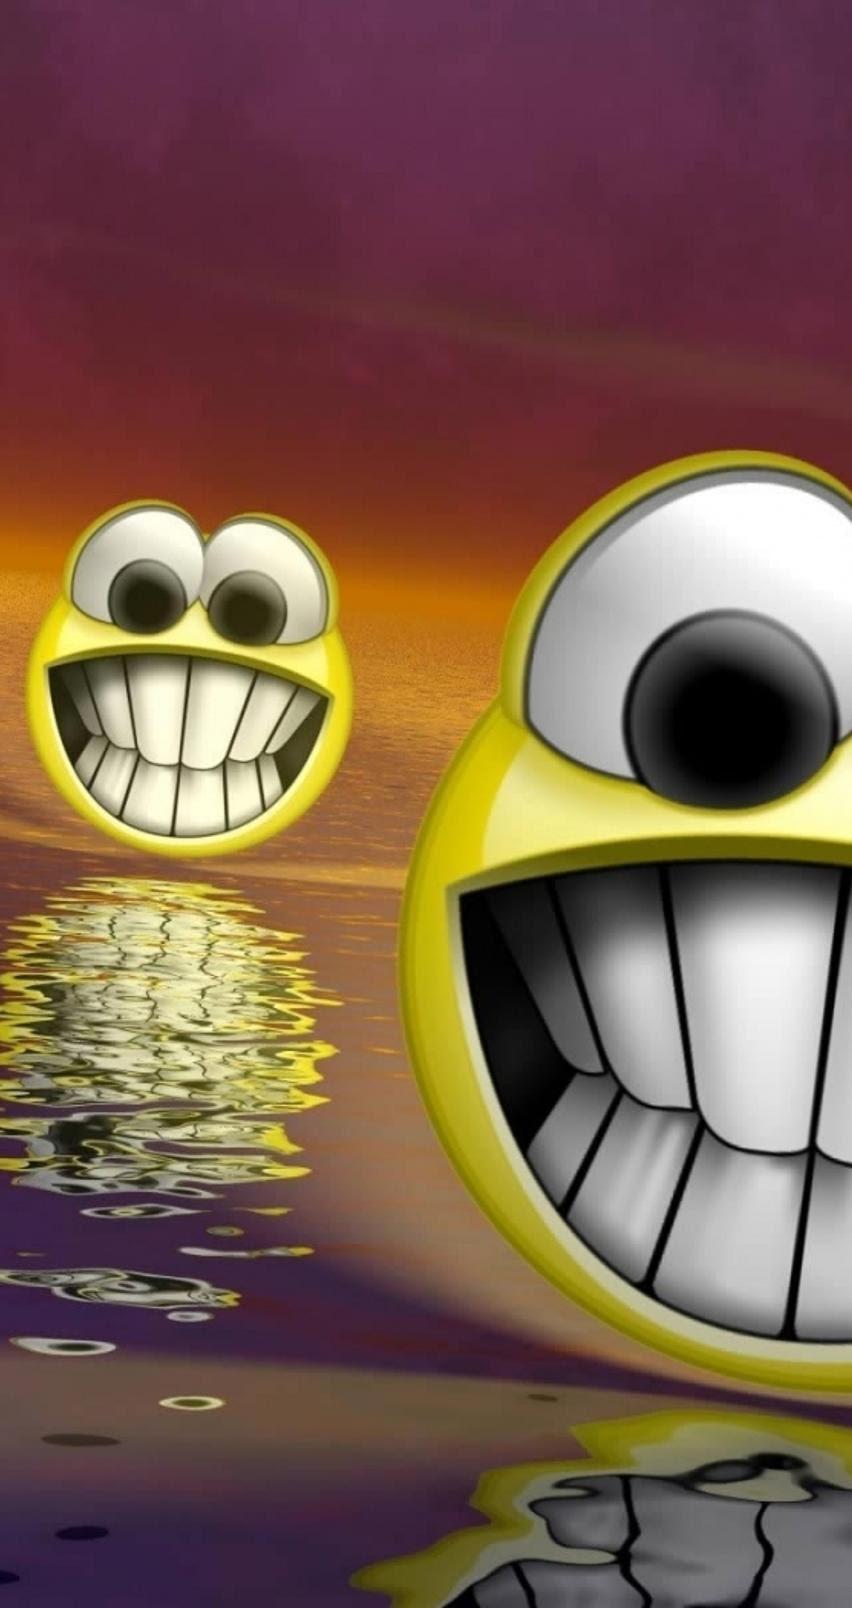 Download 77 Koleksi Wallpaper Hp Emoticon Gambar HD Terbaru